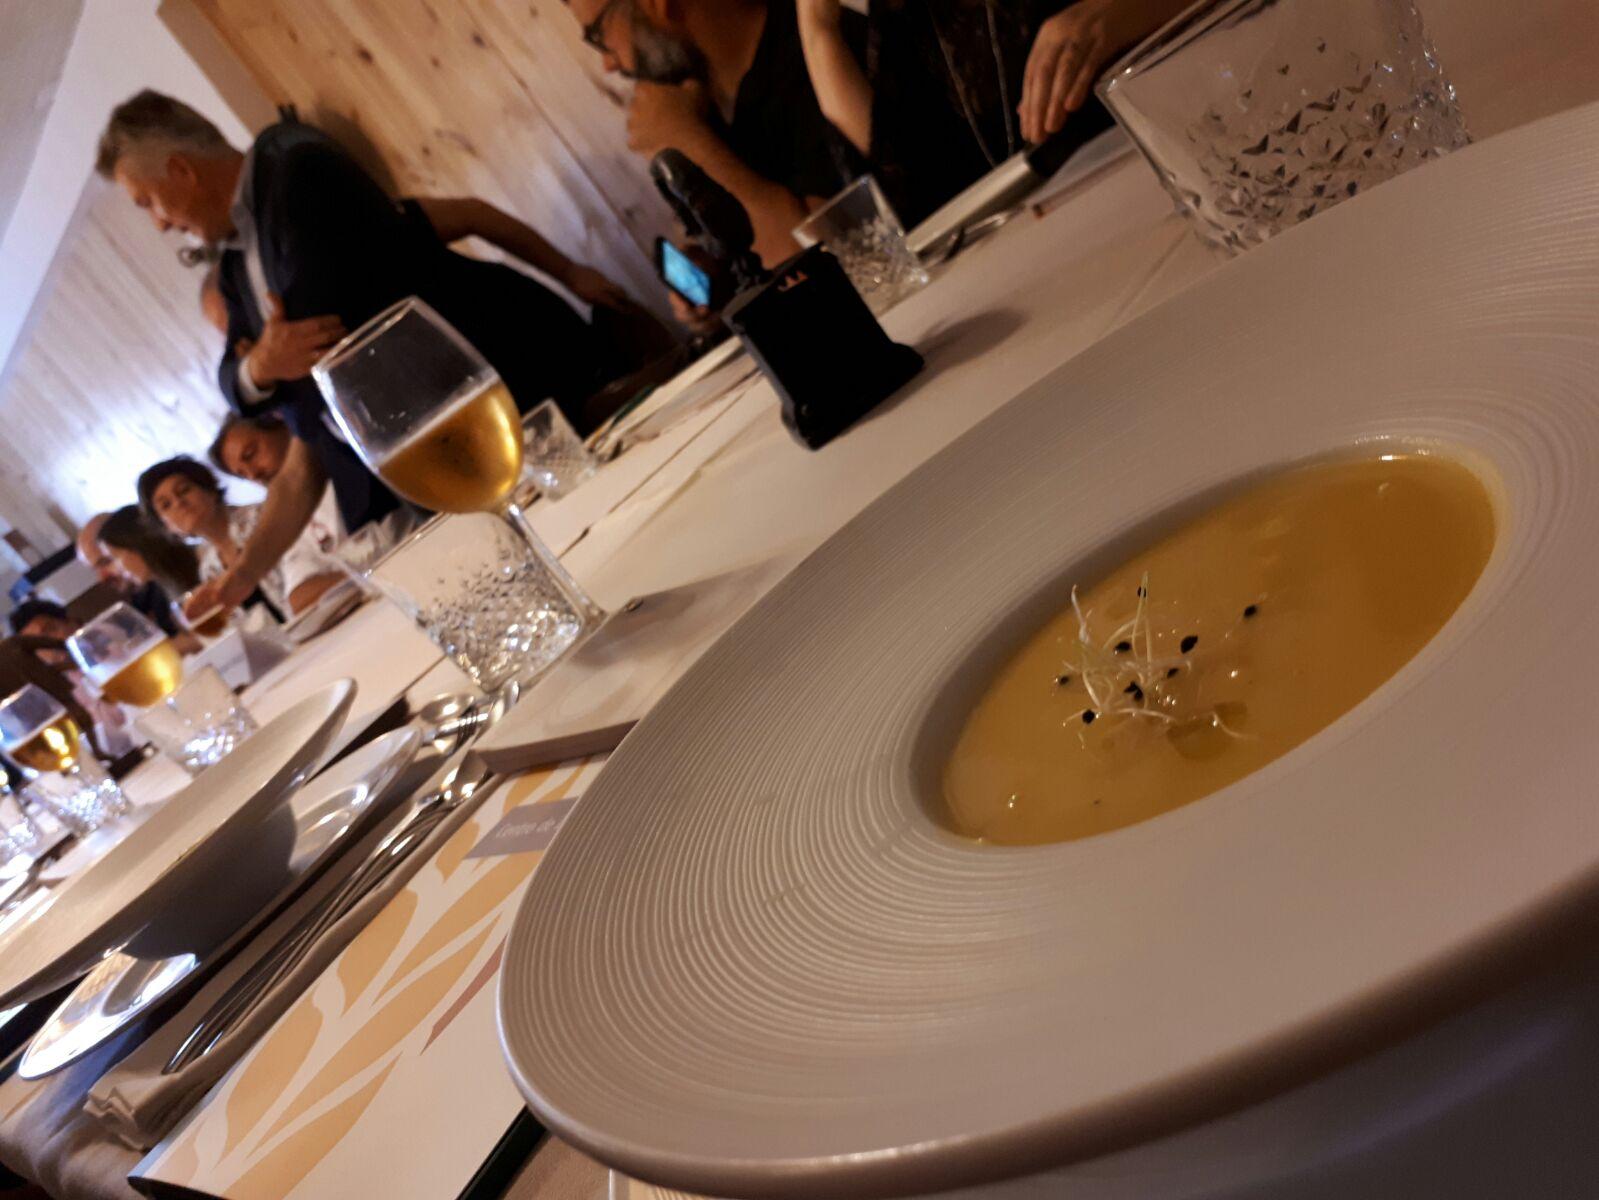 La gastronomía gallega y de la cerveza en el marco de una dieta sana y atractiva